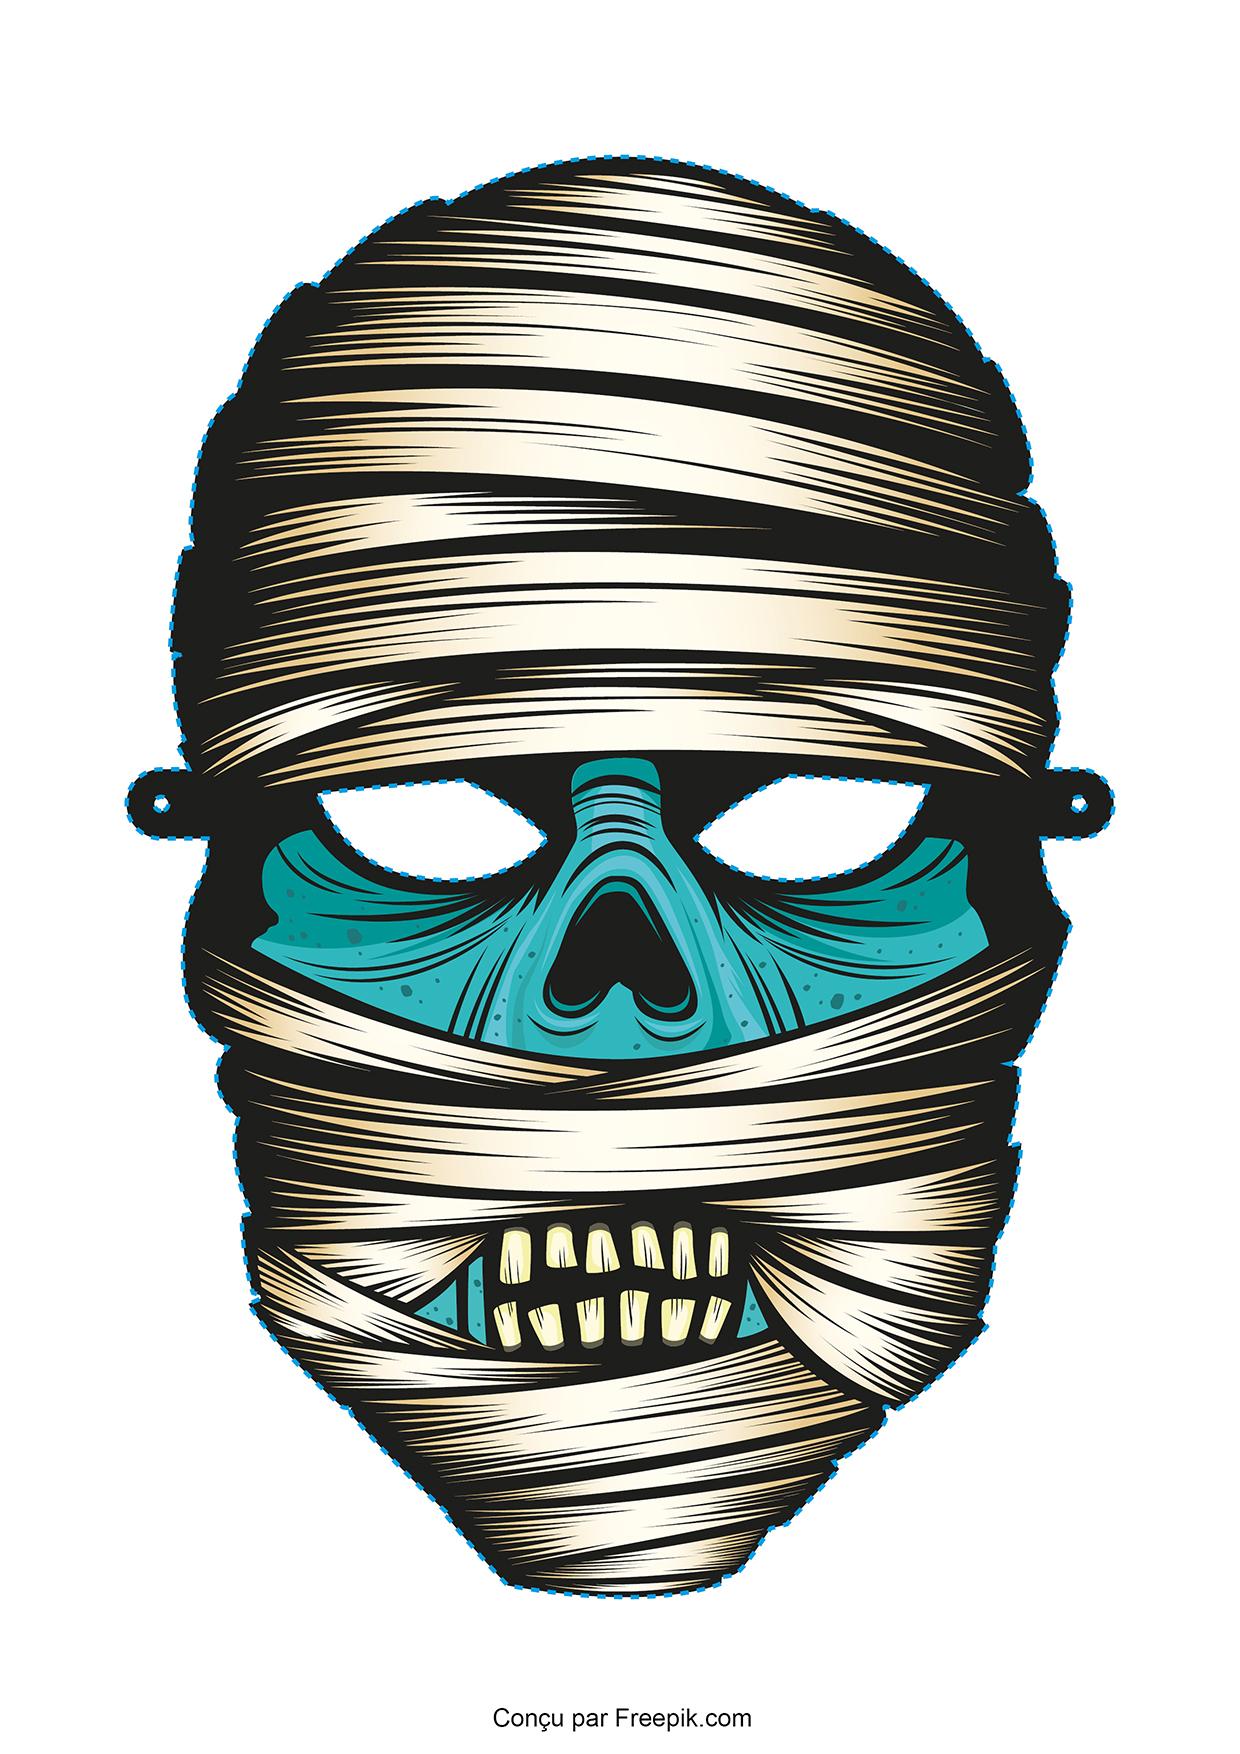 Le masque d 39 halloween imprimer - Coloriage masque halloween imprimer ...